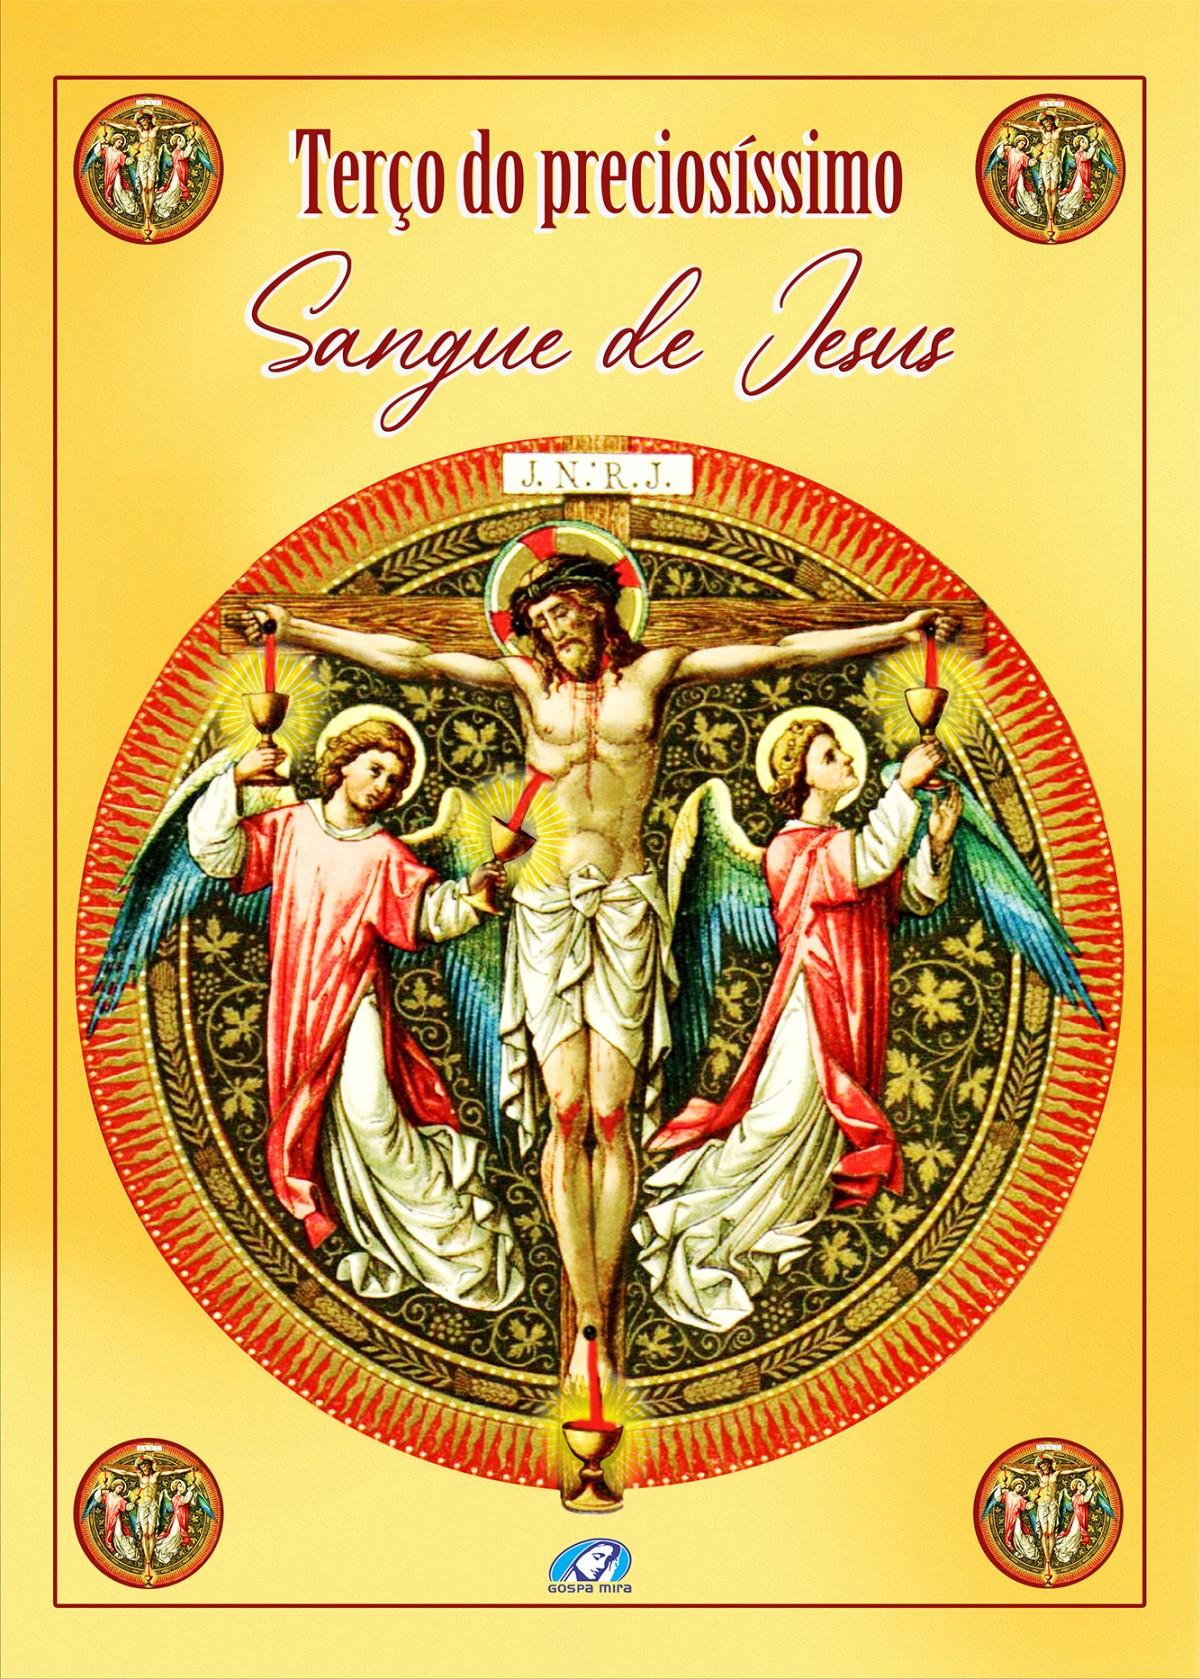 Foto 1 - Livro terço do preciosíssimo Sangue de Jesus